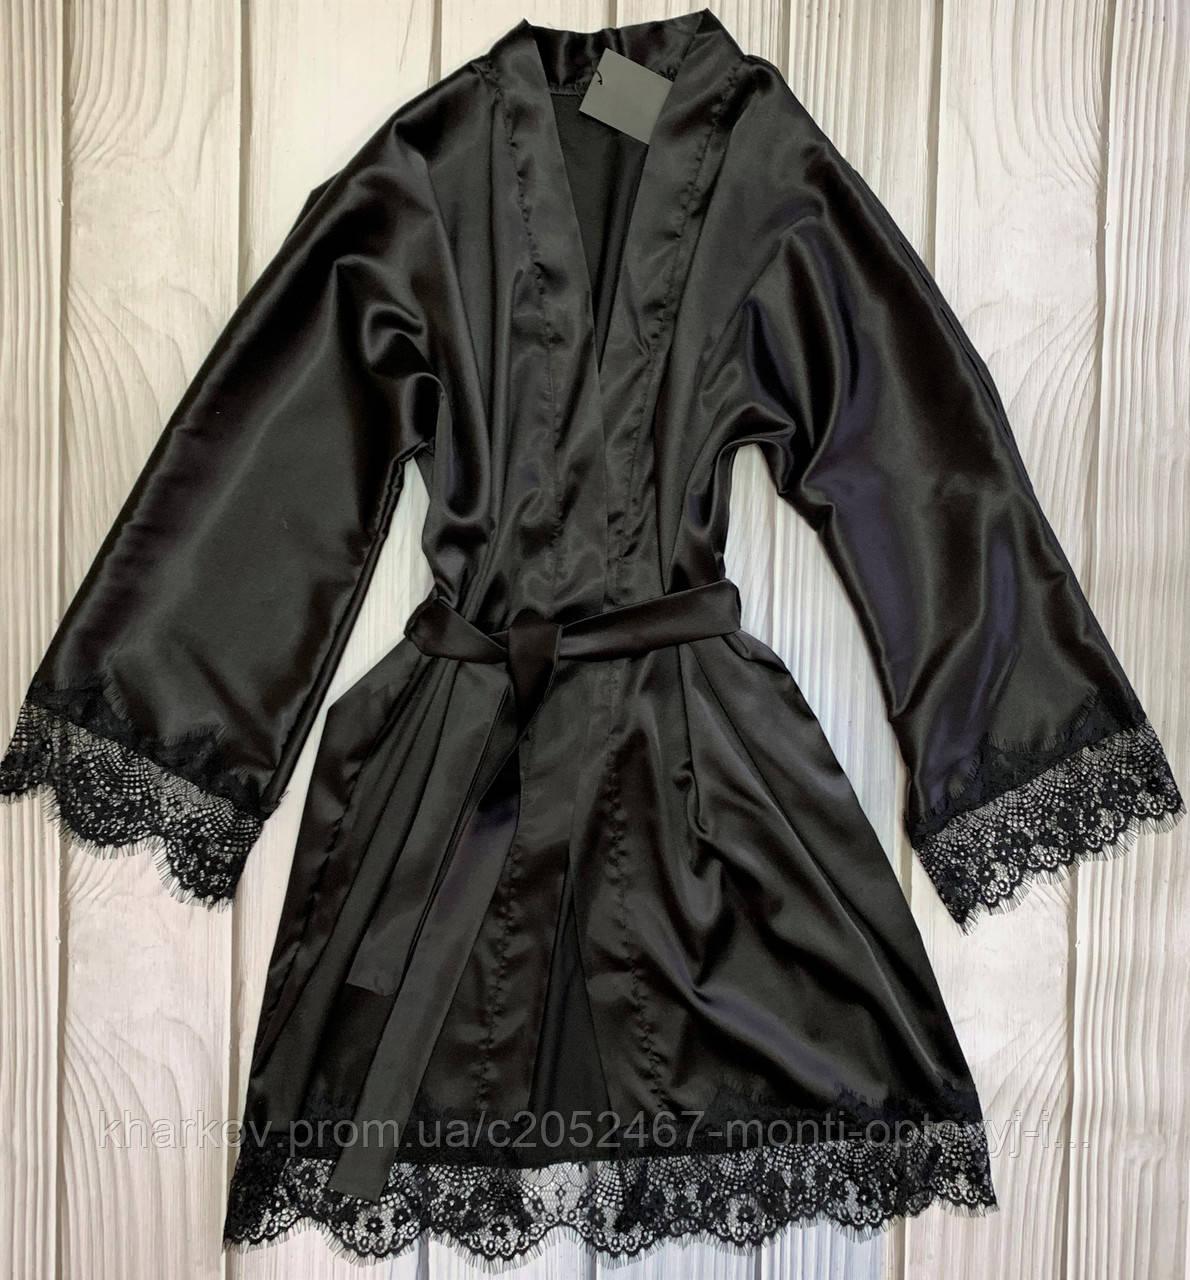 Изысканный атласный женский халат с французским кружевом